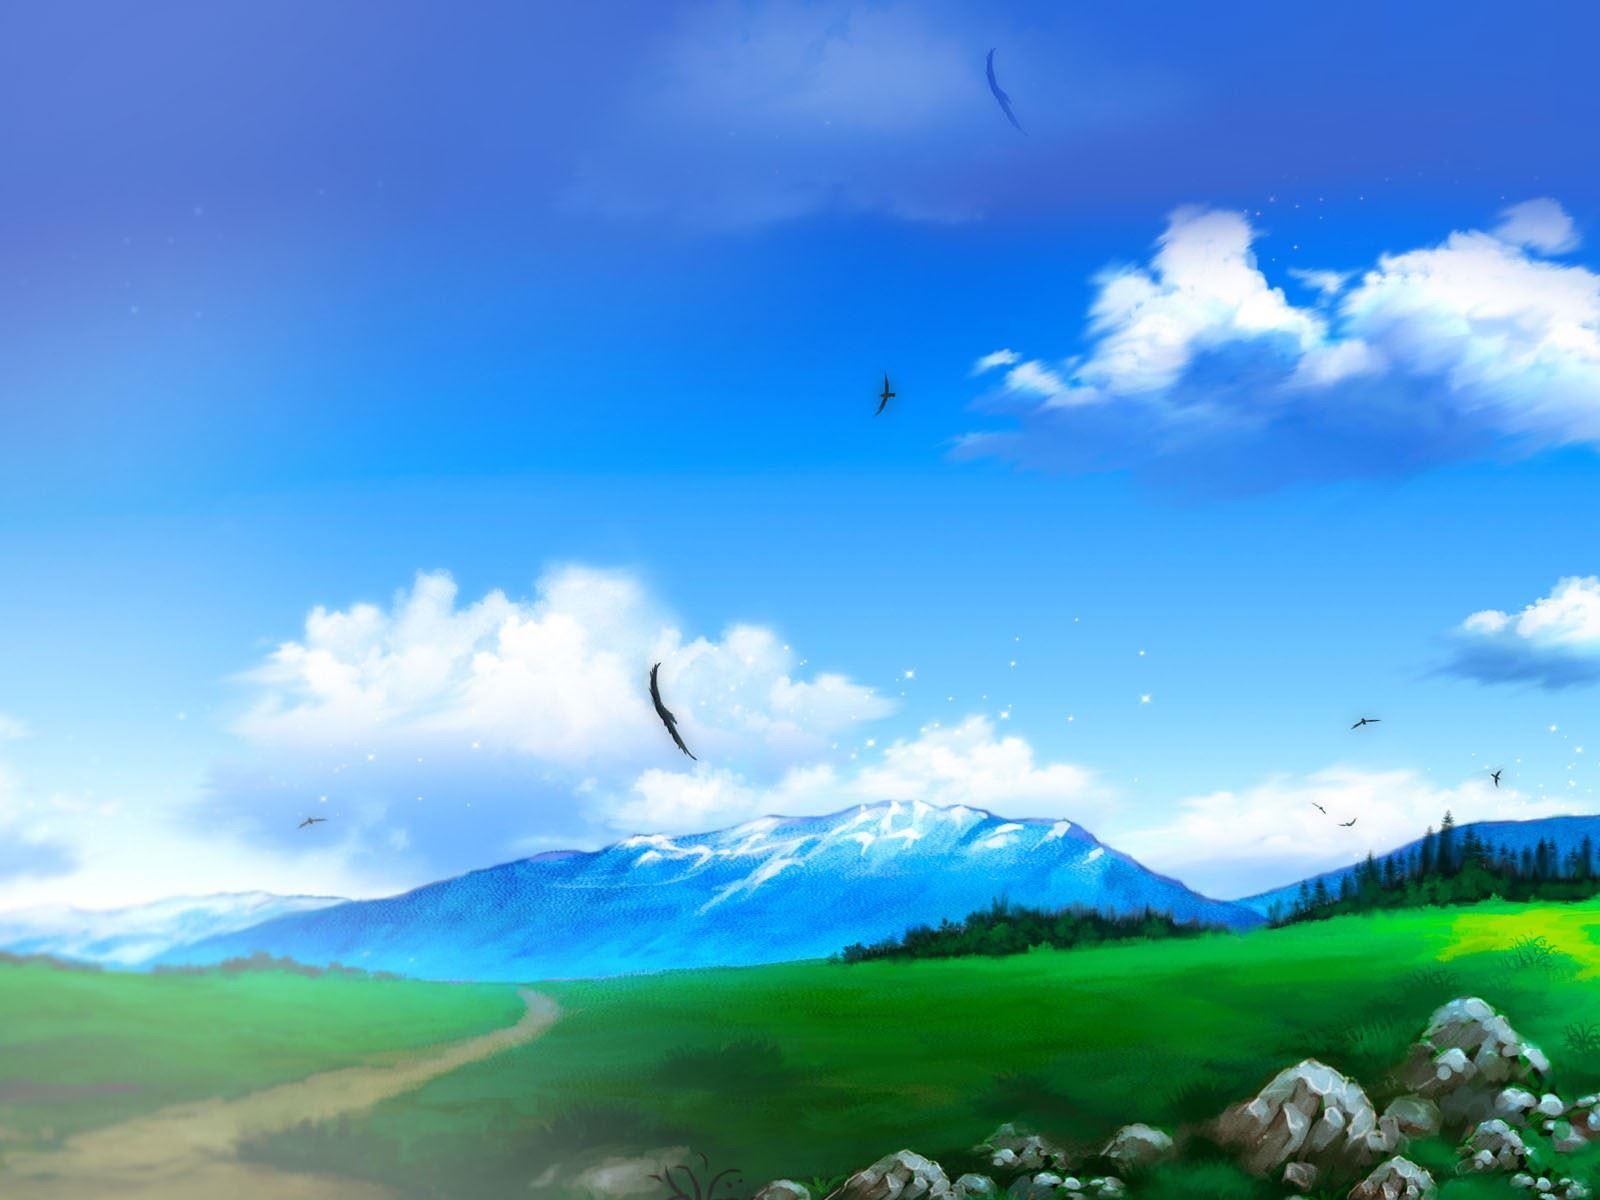 精选治愈手绘版蔚蓝天空